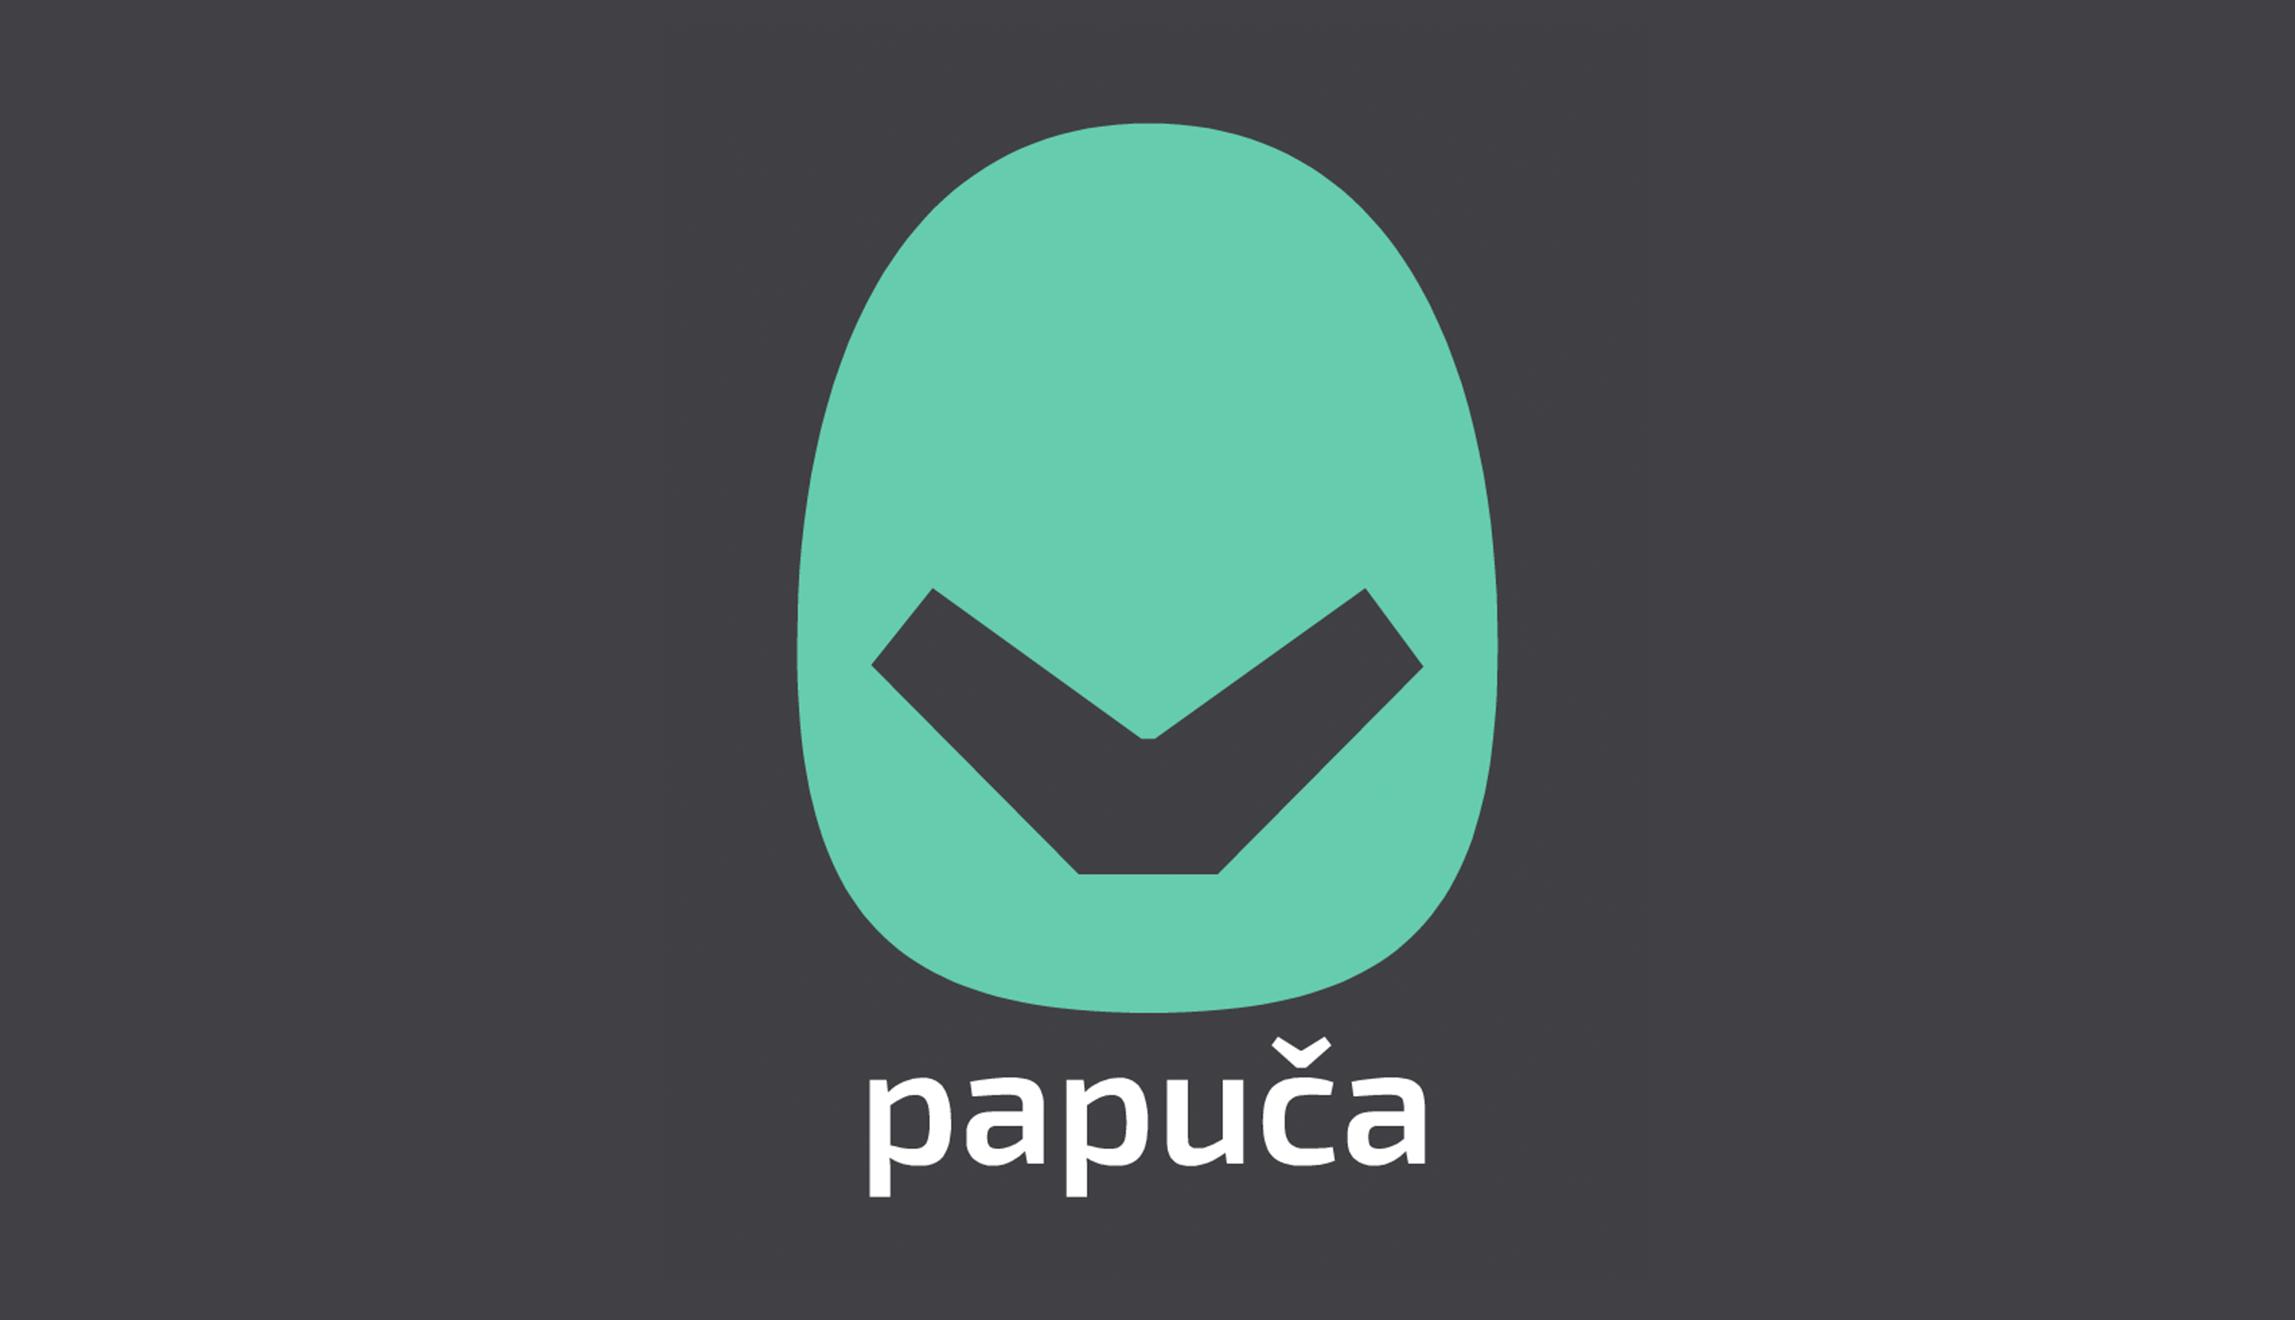 Papuca-6